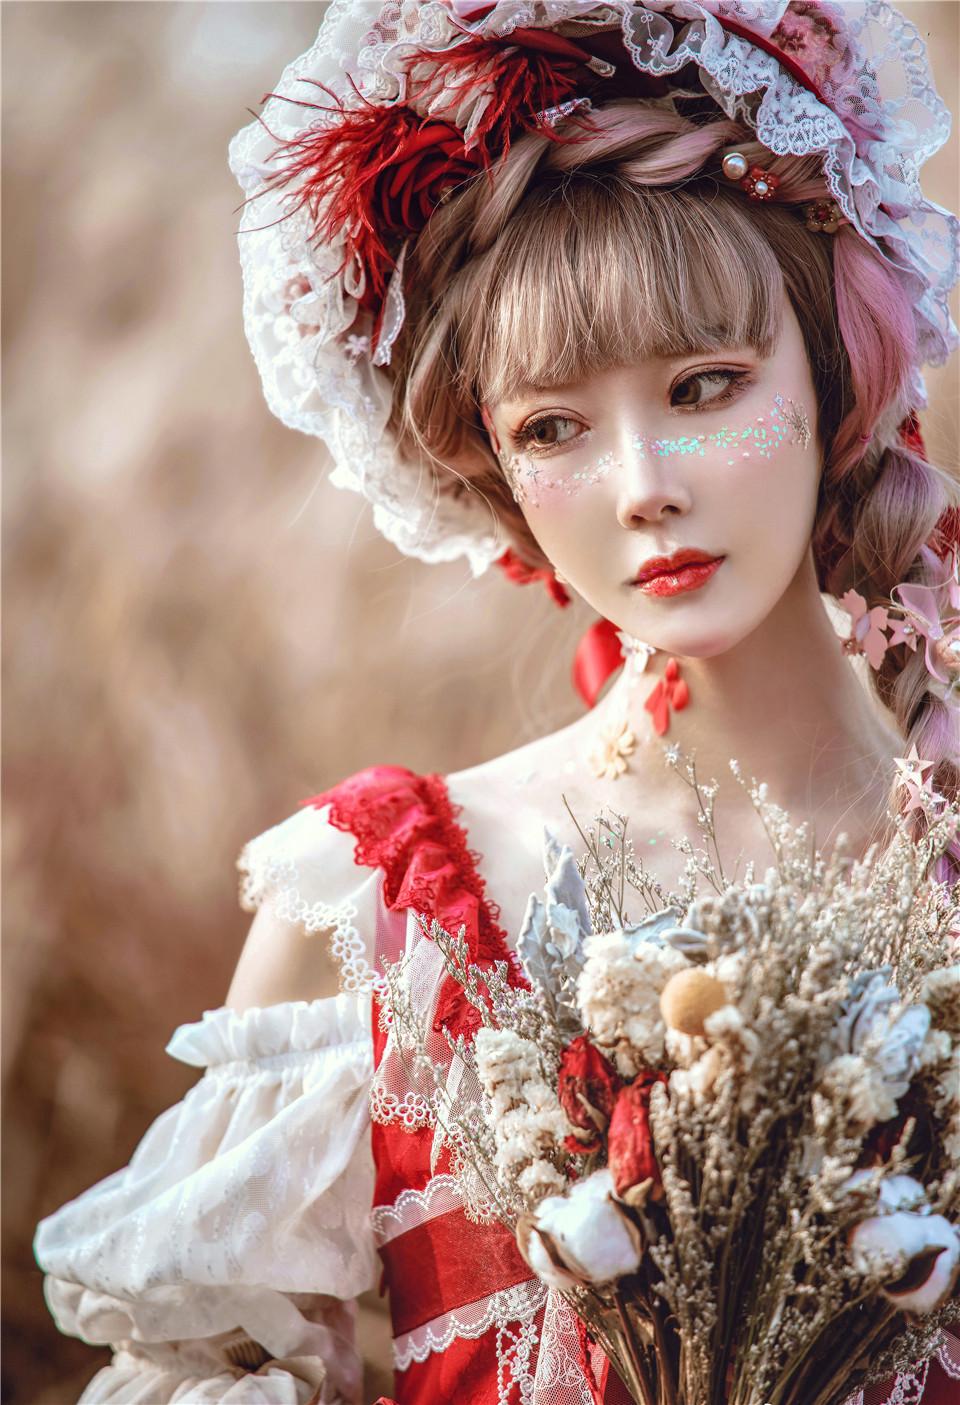 阿包也是兔娘 NO.05 lolita红裙 [159.04 MB]